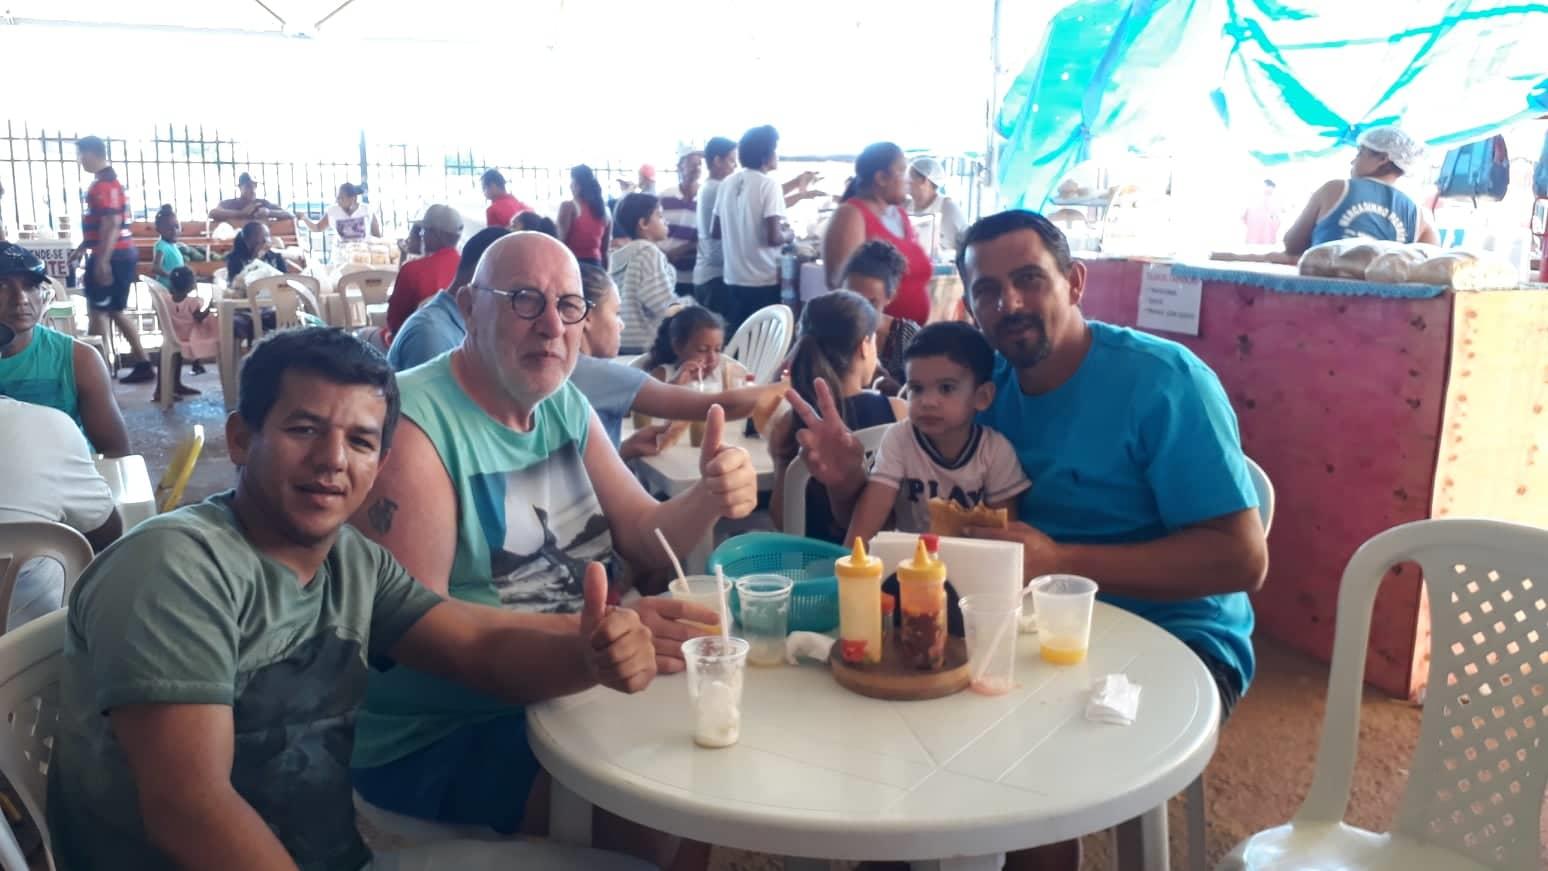 2-6-2019-van-deze-chauffeur-heb-ik-een-lift-gekregen-richting-Seabra-hier-op-de-grote-markt-in-Luis-Eduardo-Maghaeles--op-zondag